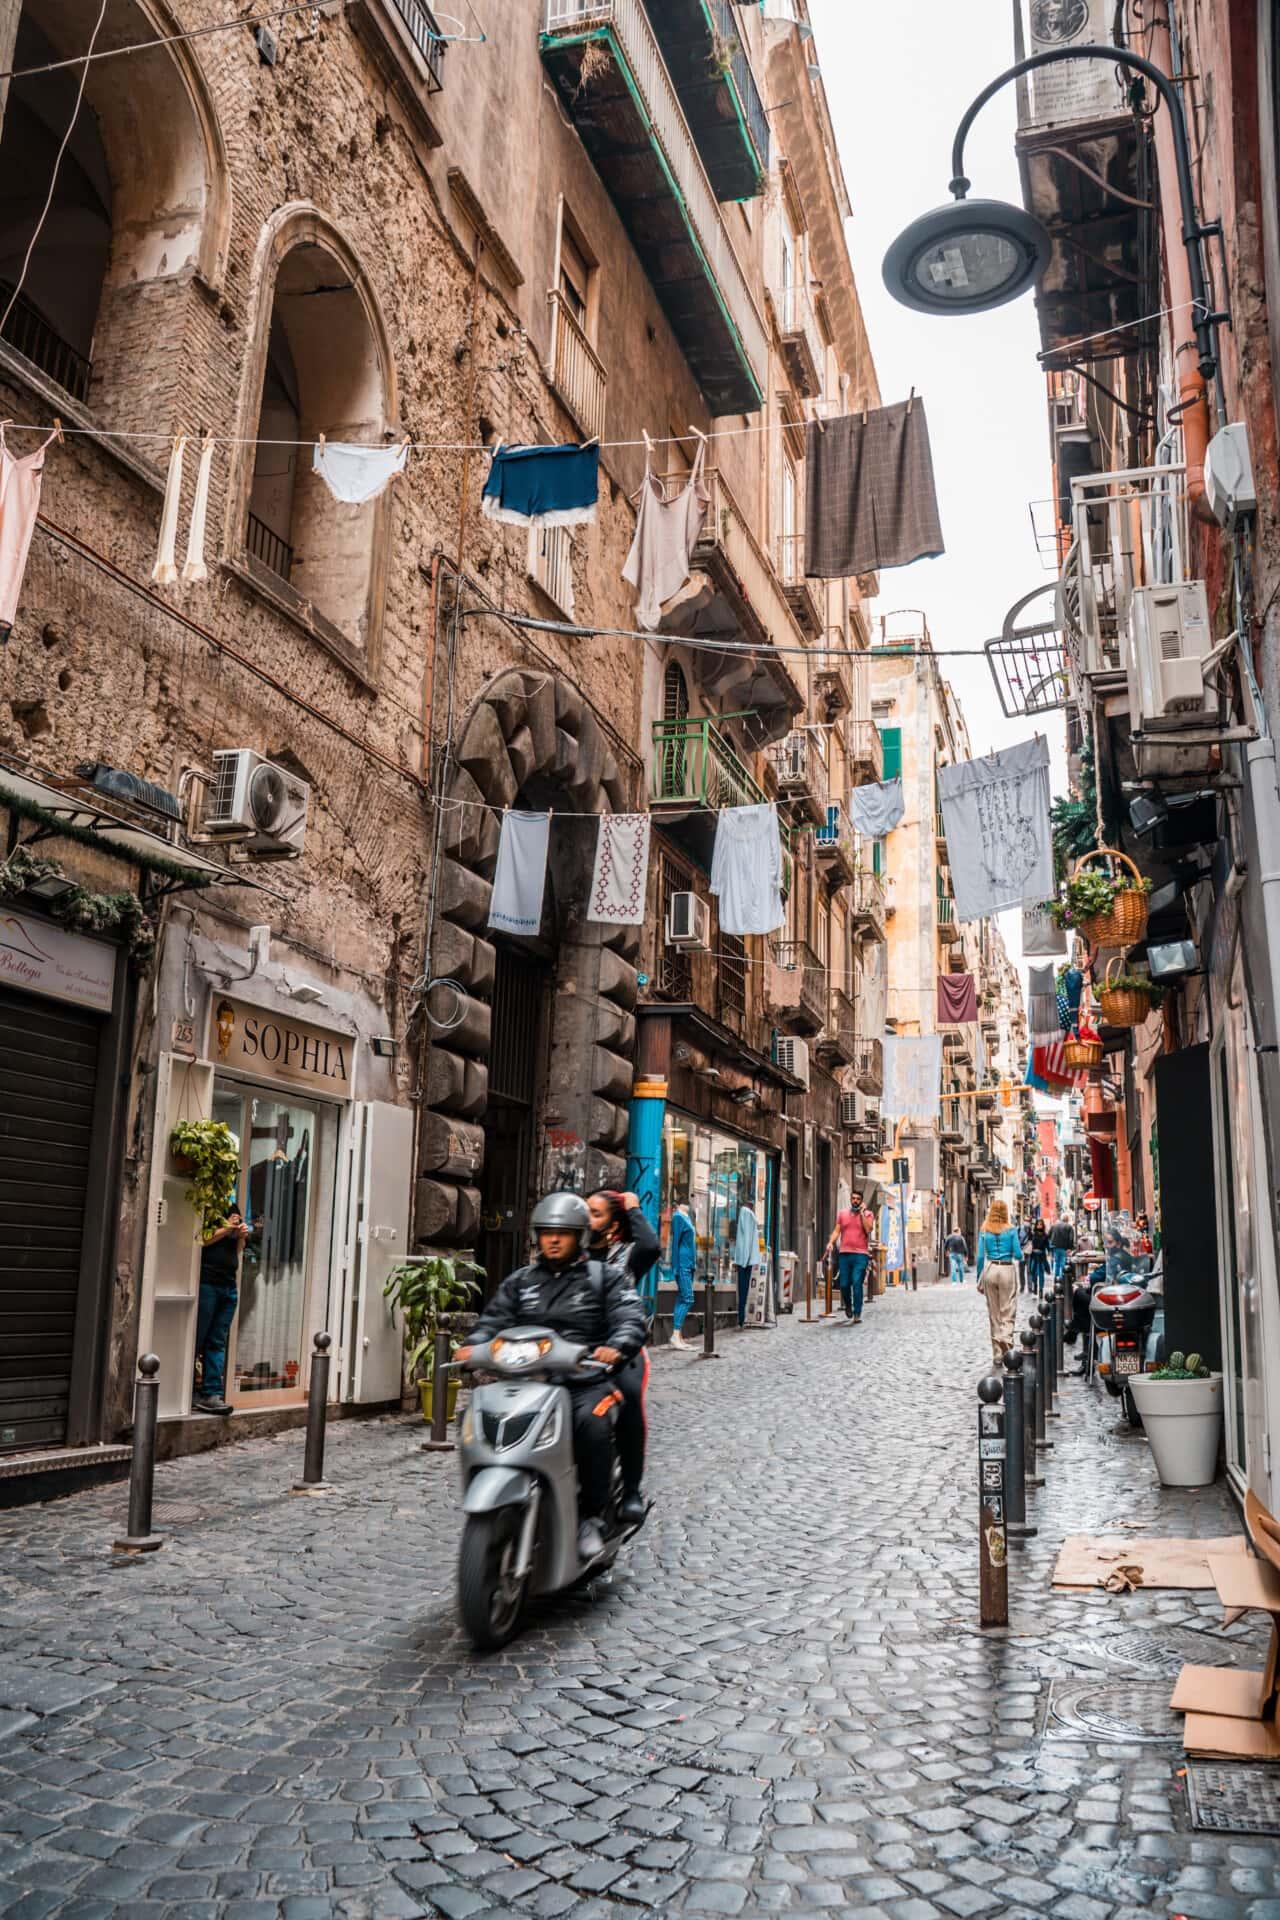 Napels 61 - Doen in Napels: de 22 beste tips & bezienswaardigheden voor je stedentrip!